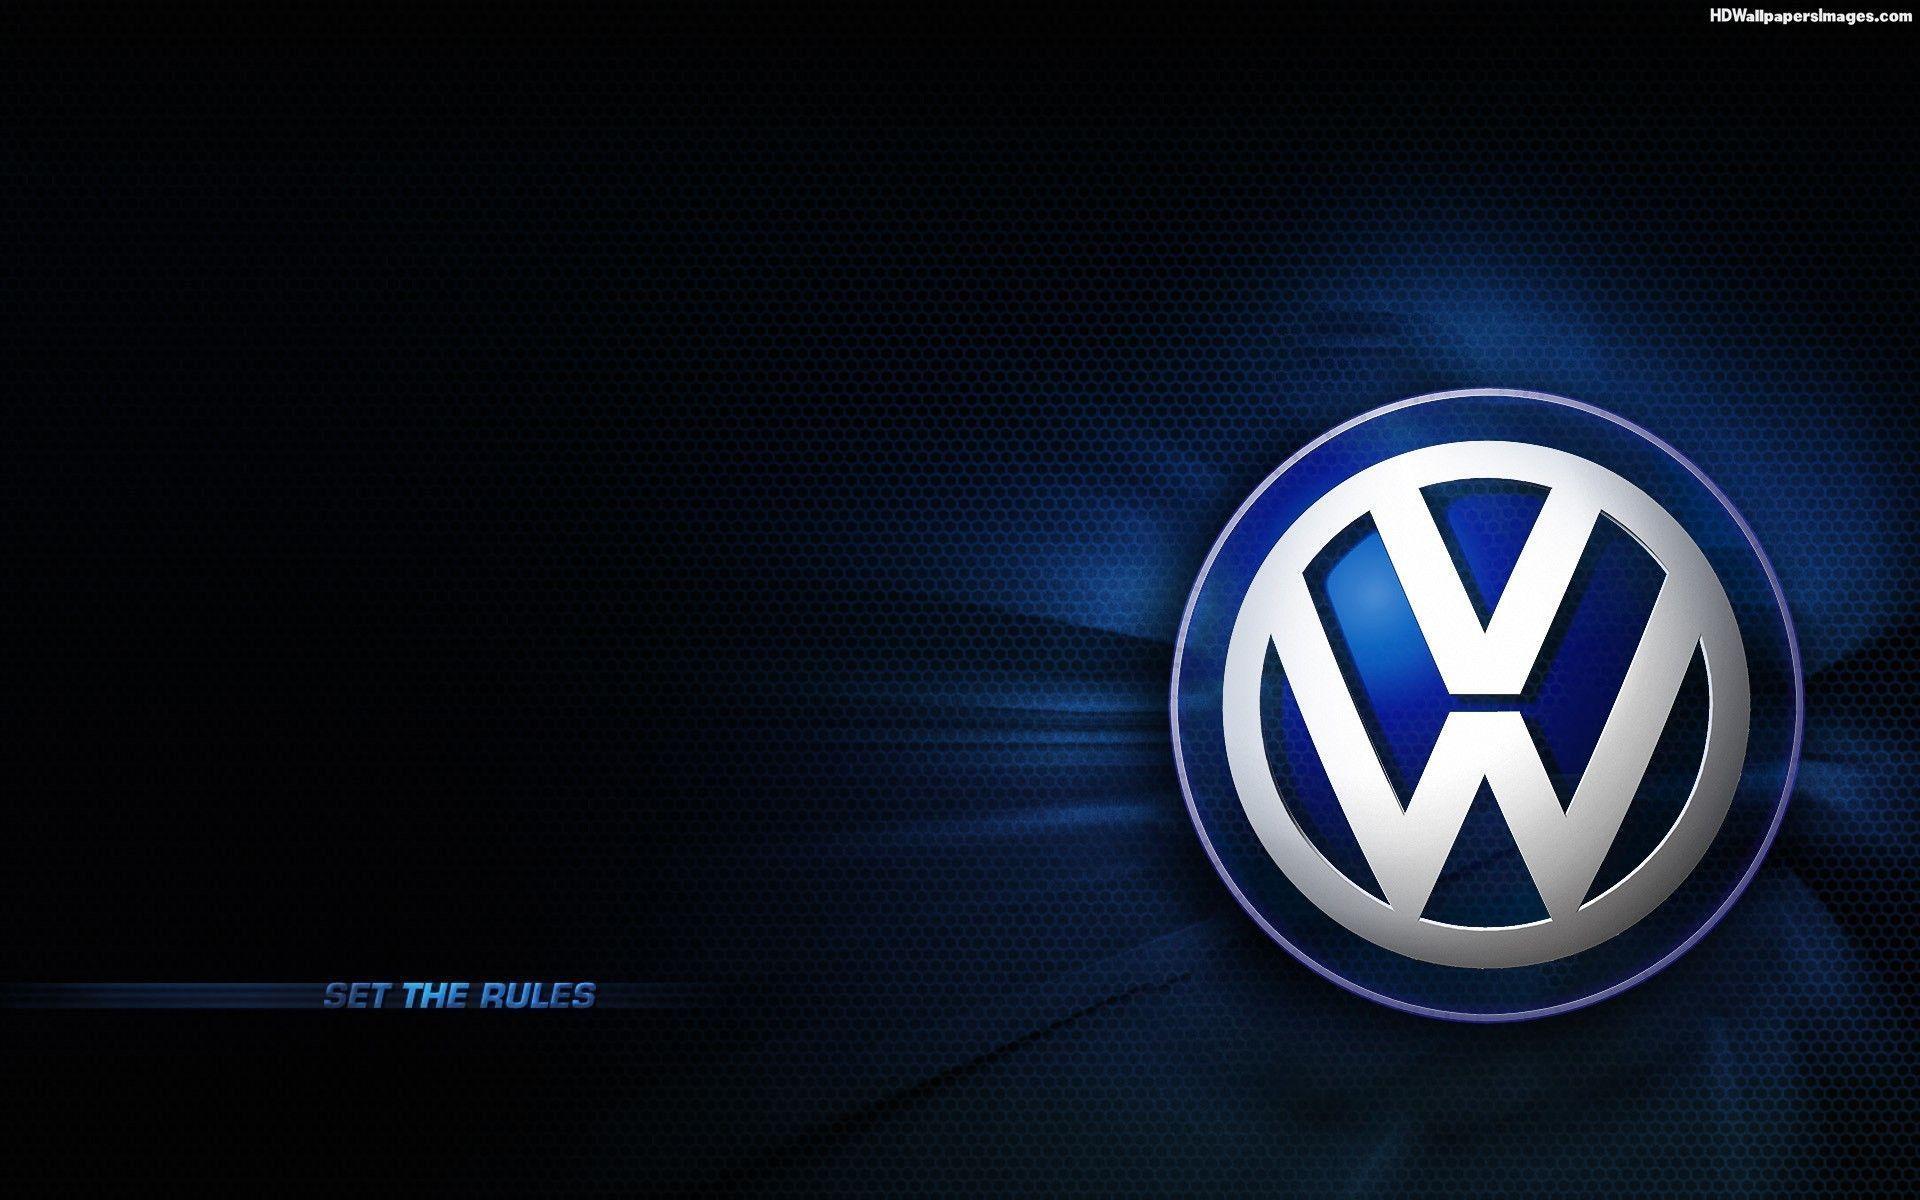 Volkswagen Logo Wallpapers Top Free Volkswagen Logo Backgrounds Wallpaperaccess